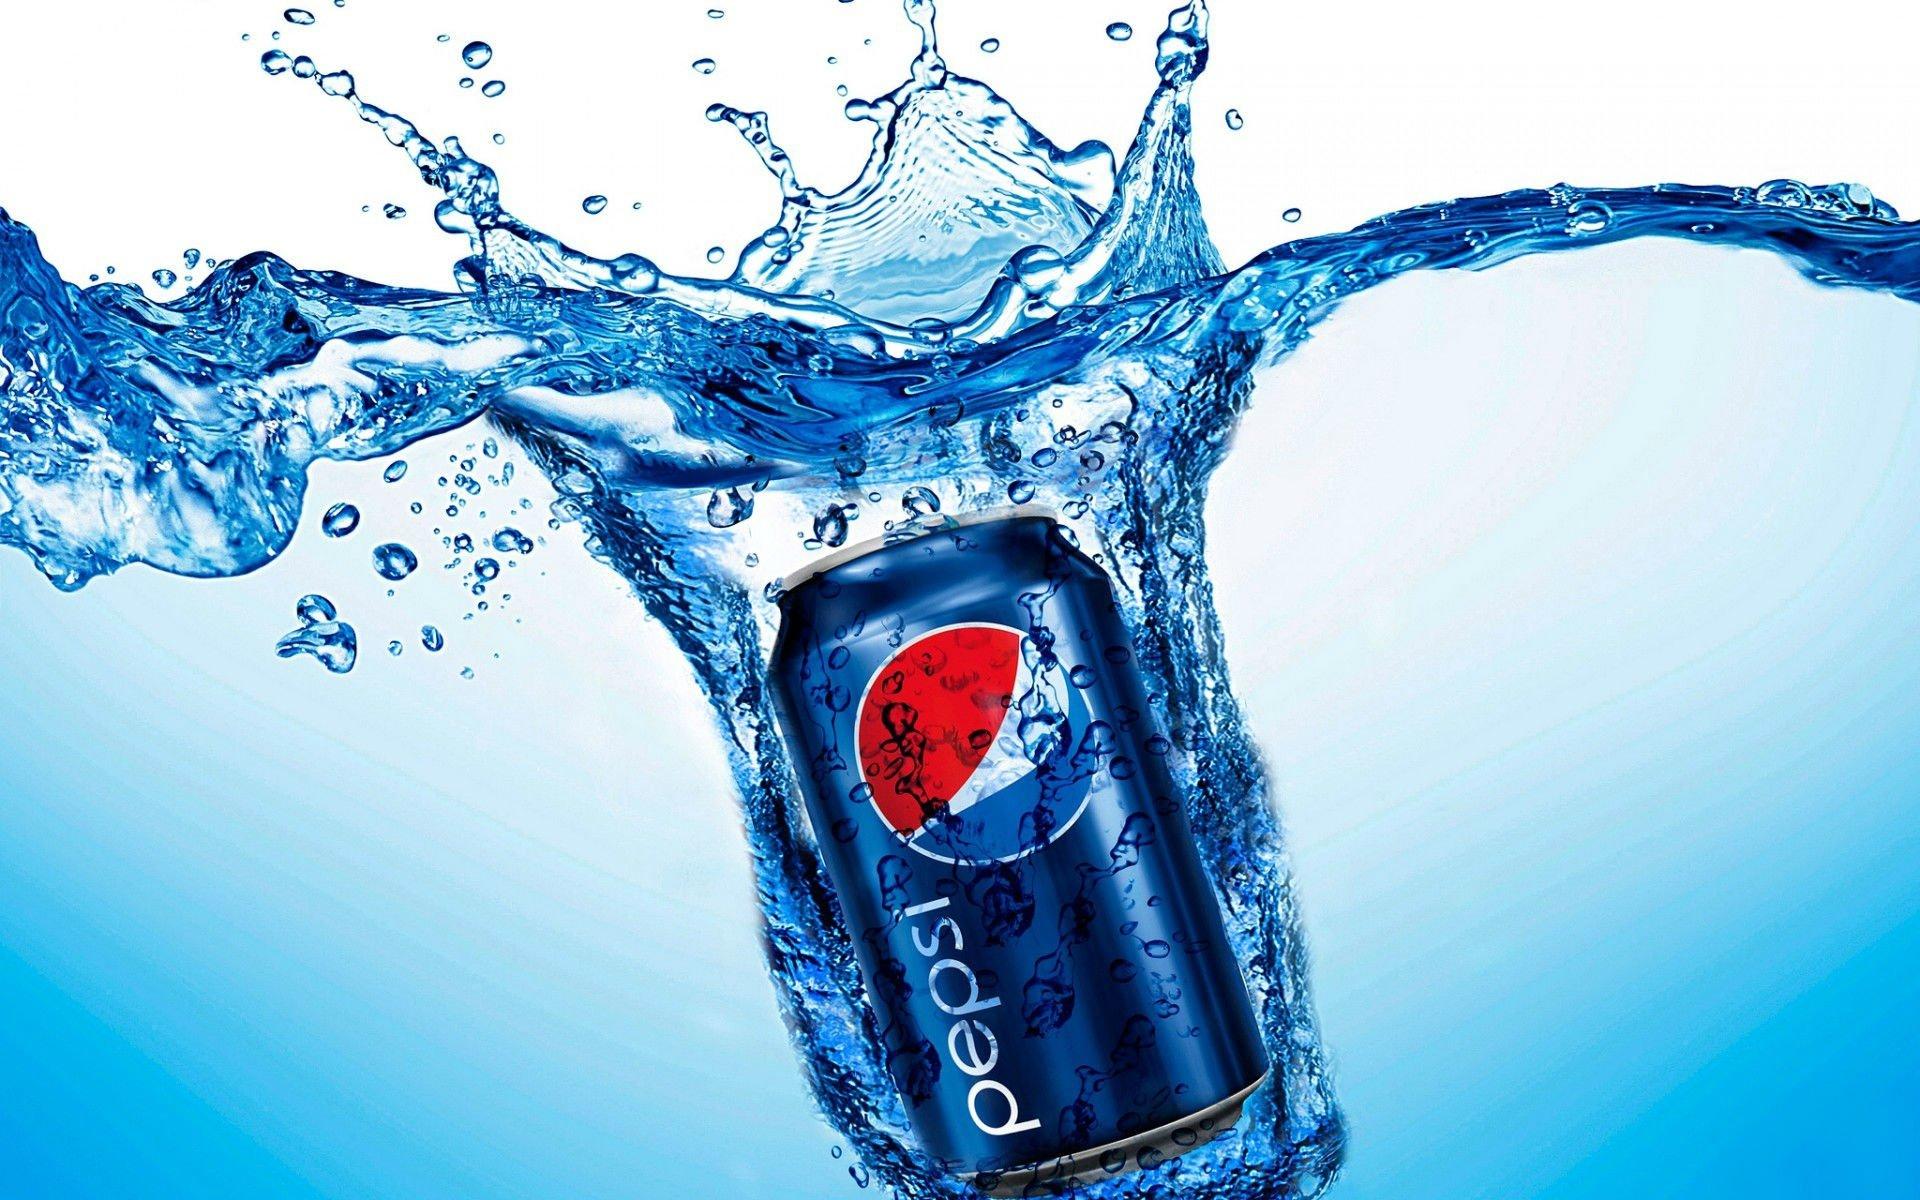 Лобстера с«татуировкой» Pepsi выловили вКанаде